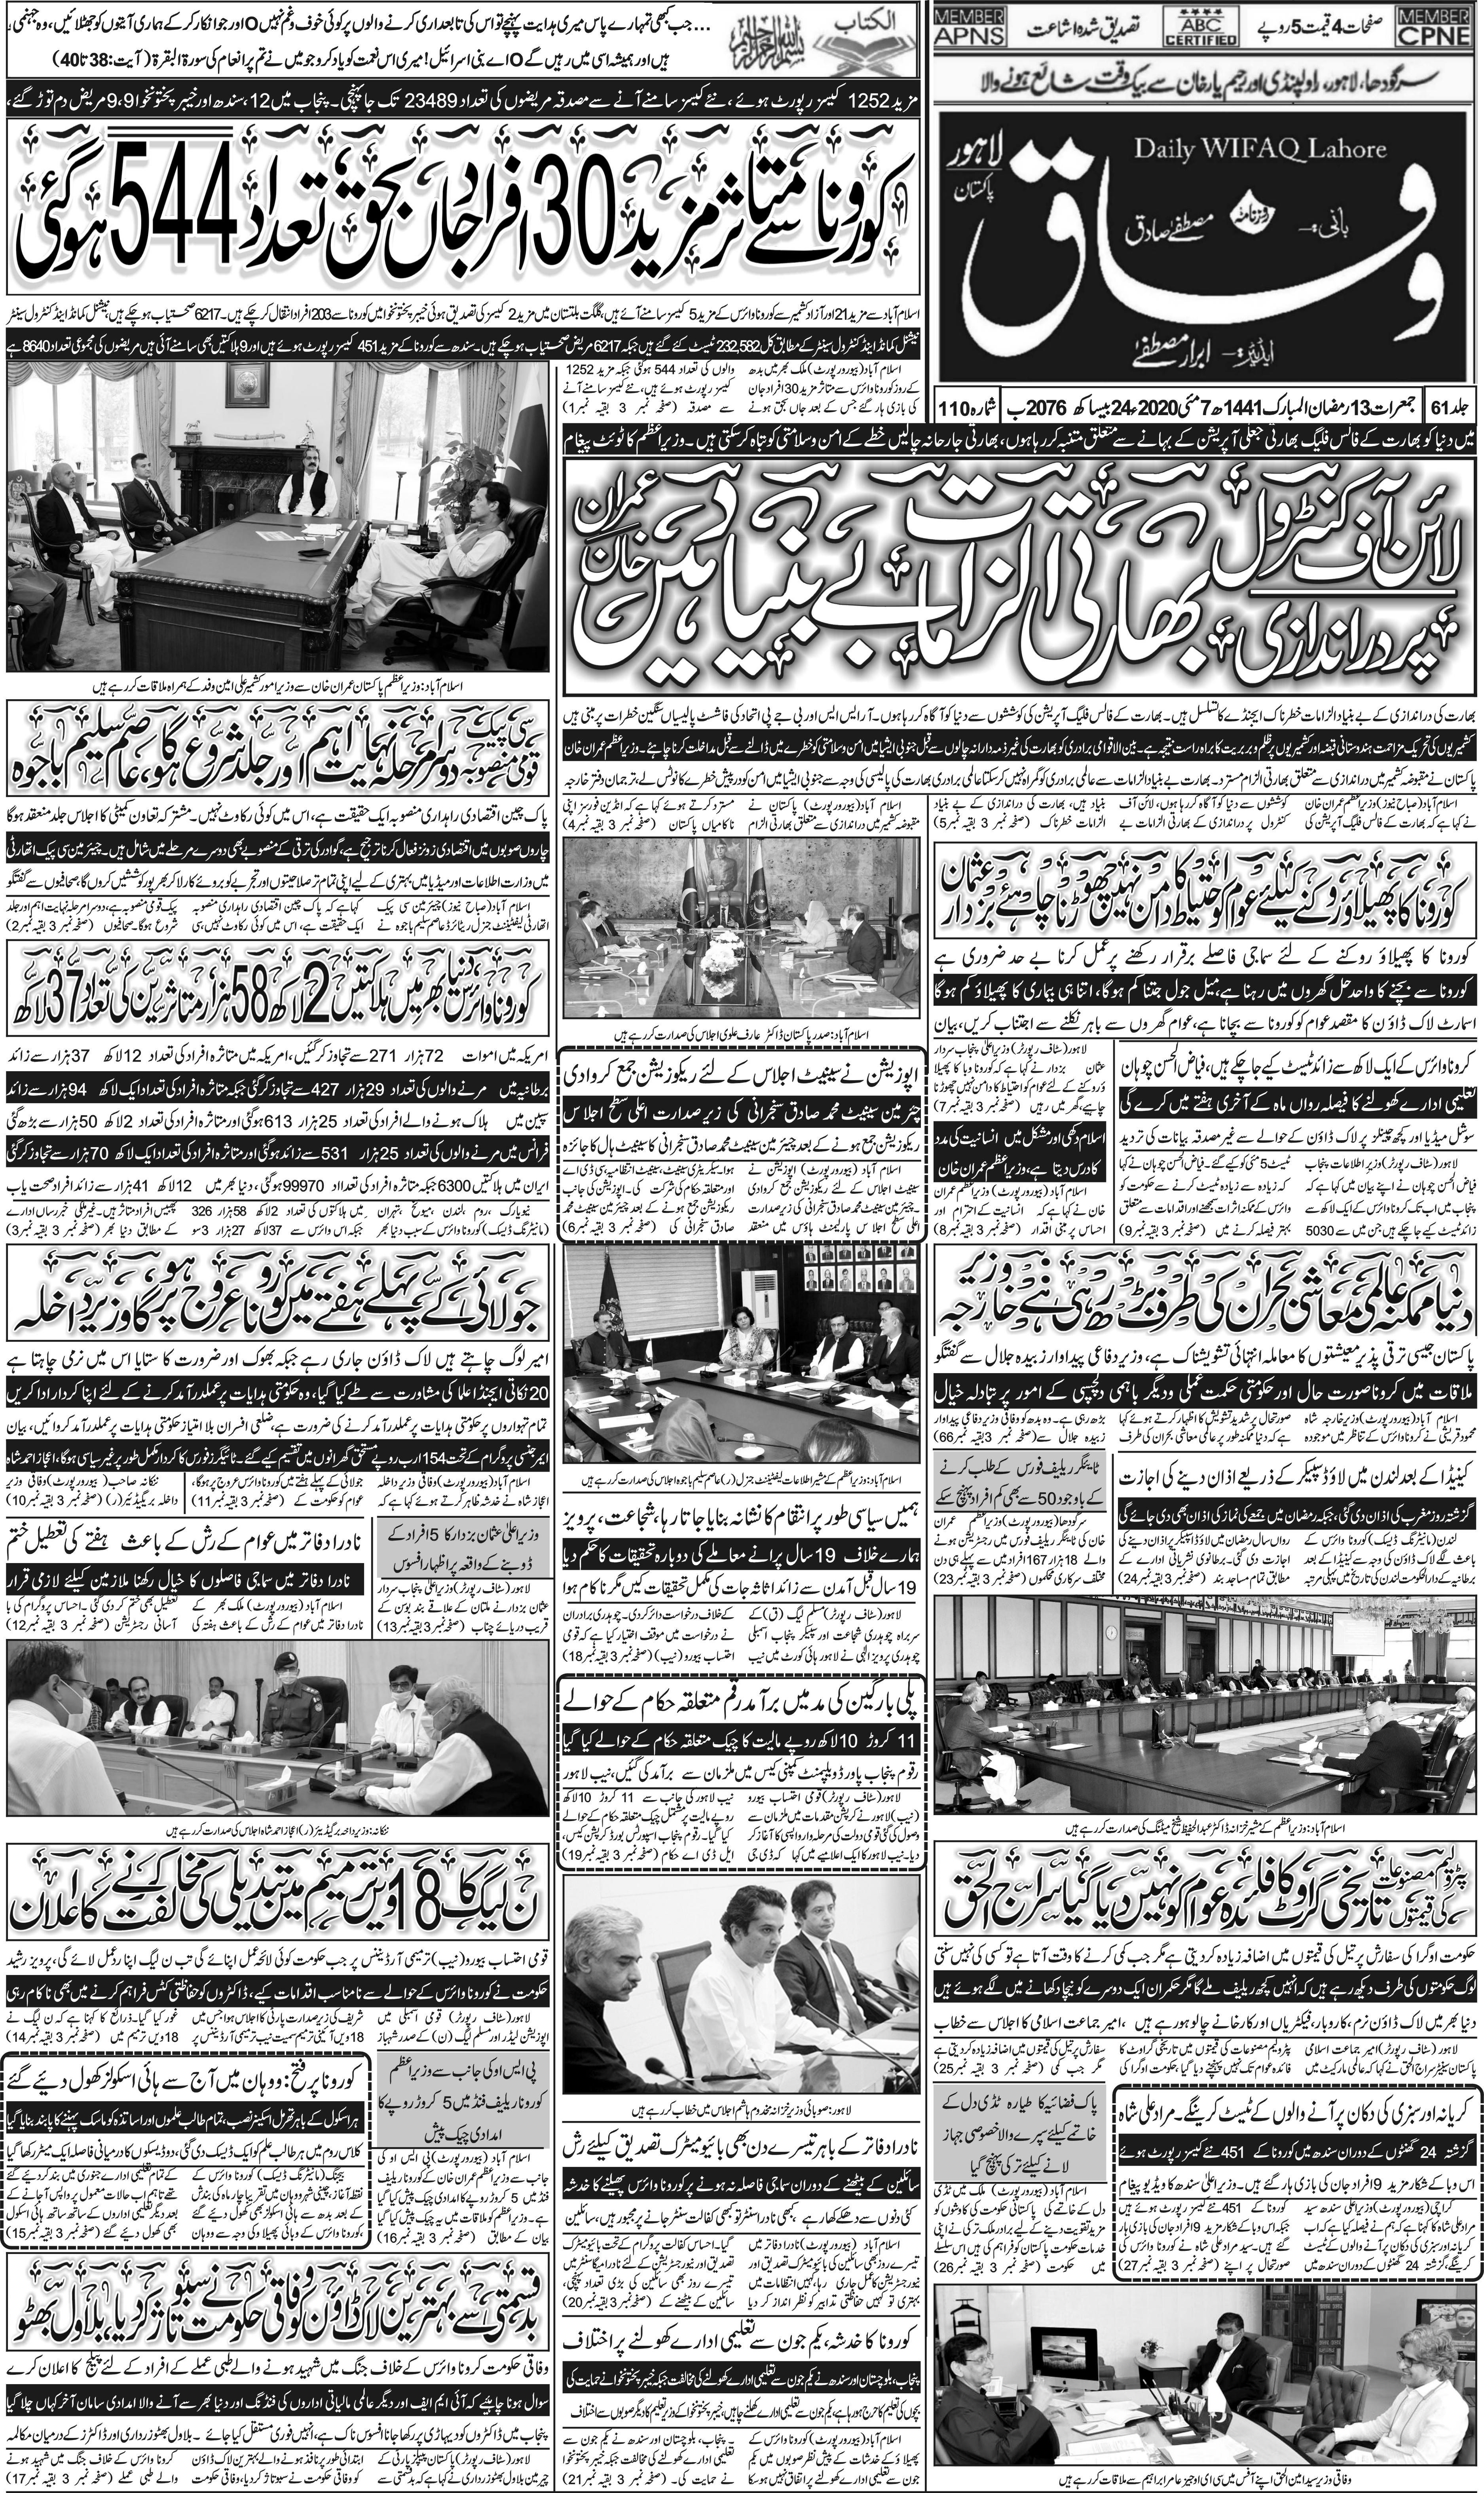 e-Paper – Daily Wifaq – 07-05-2020